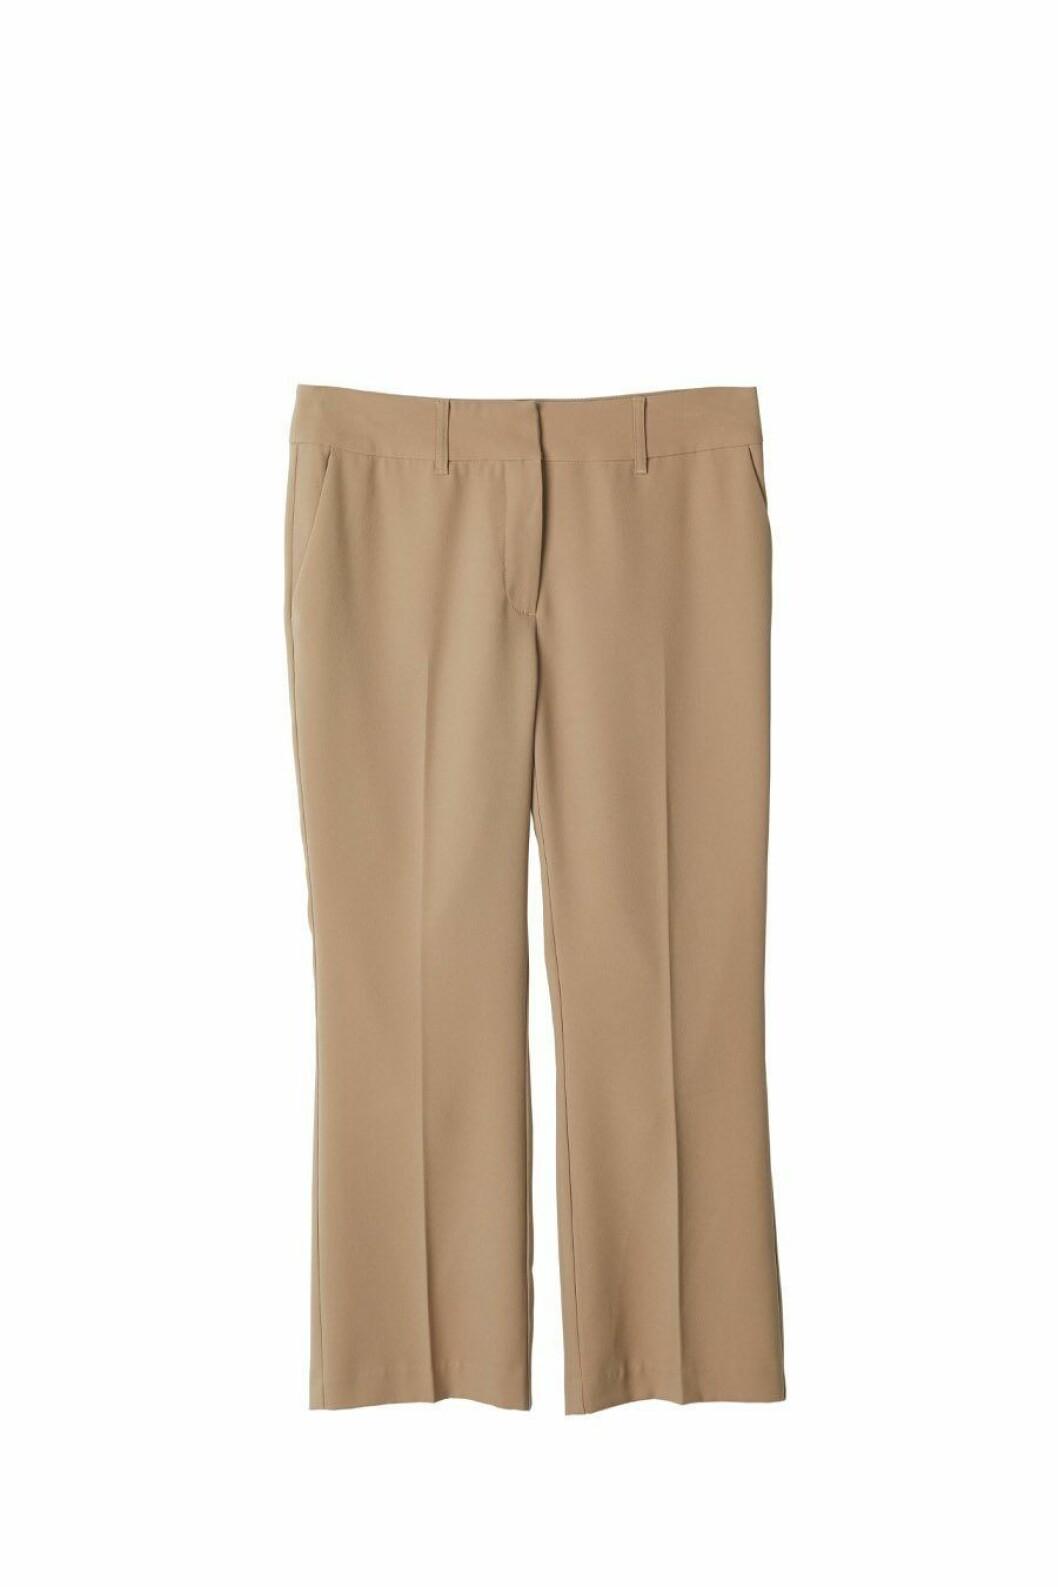 Tillhörande byxor i beige från Stylein.